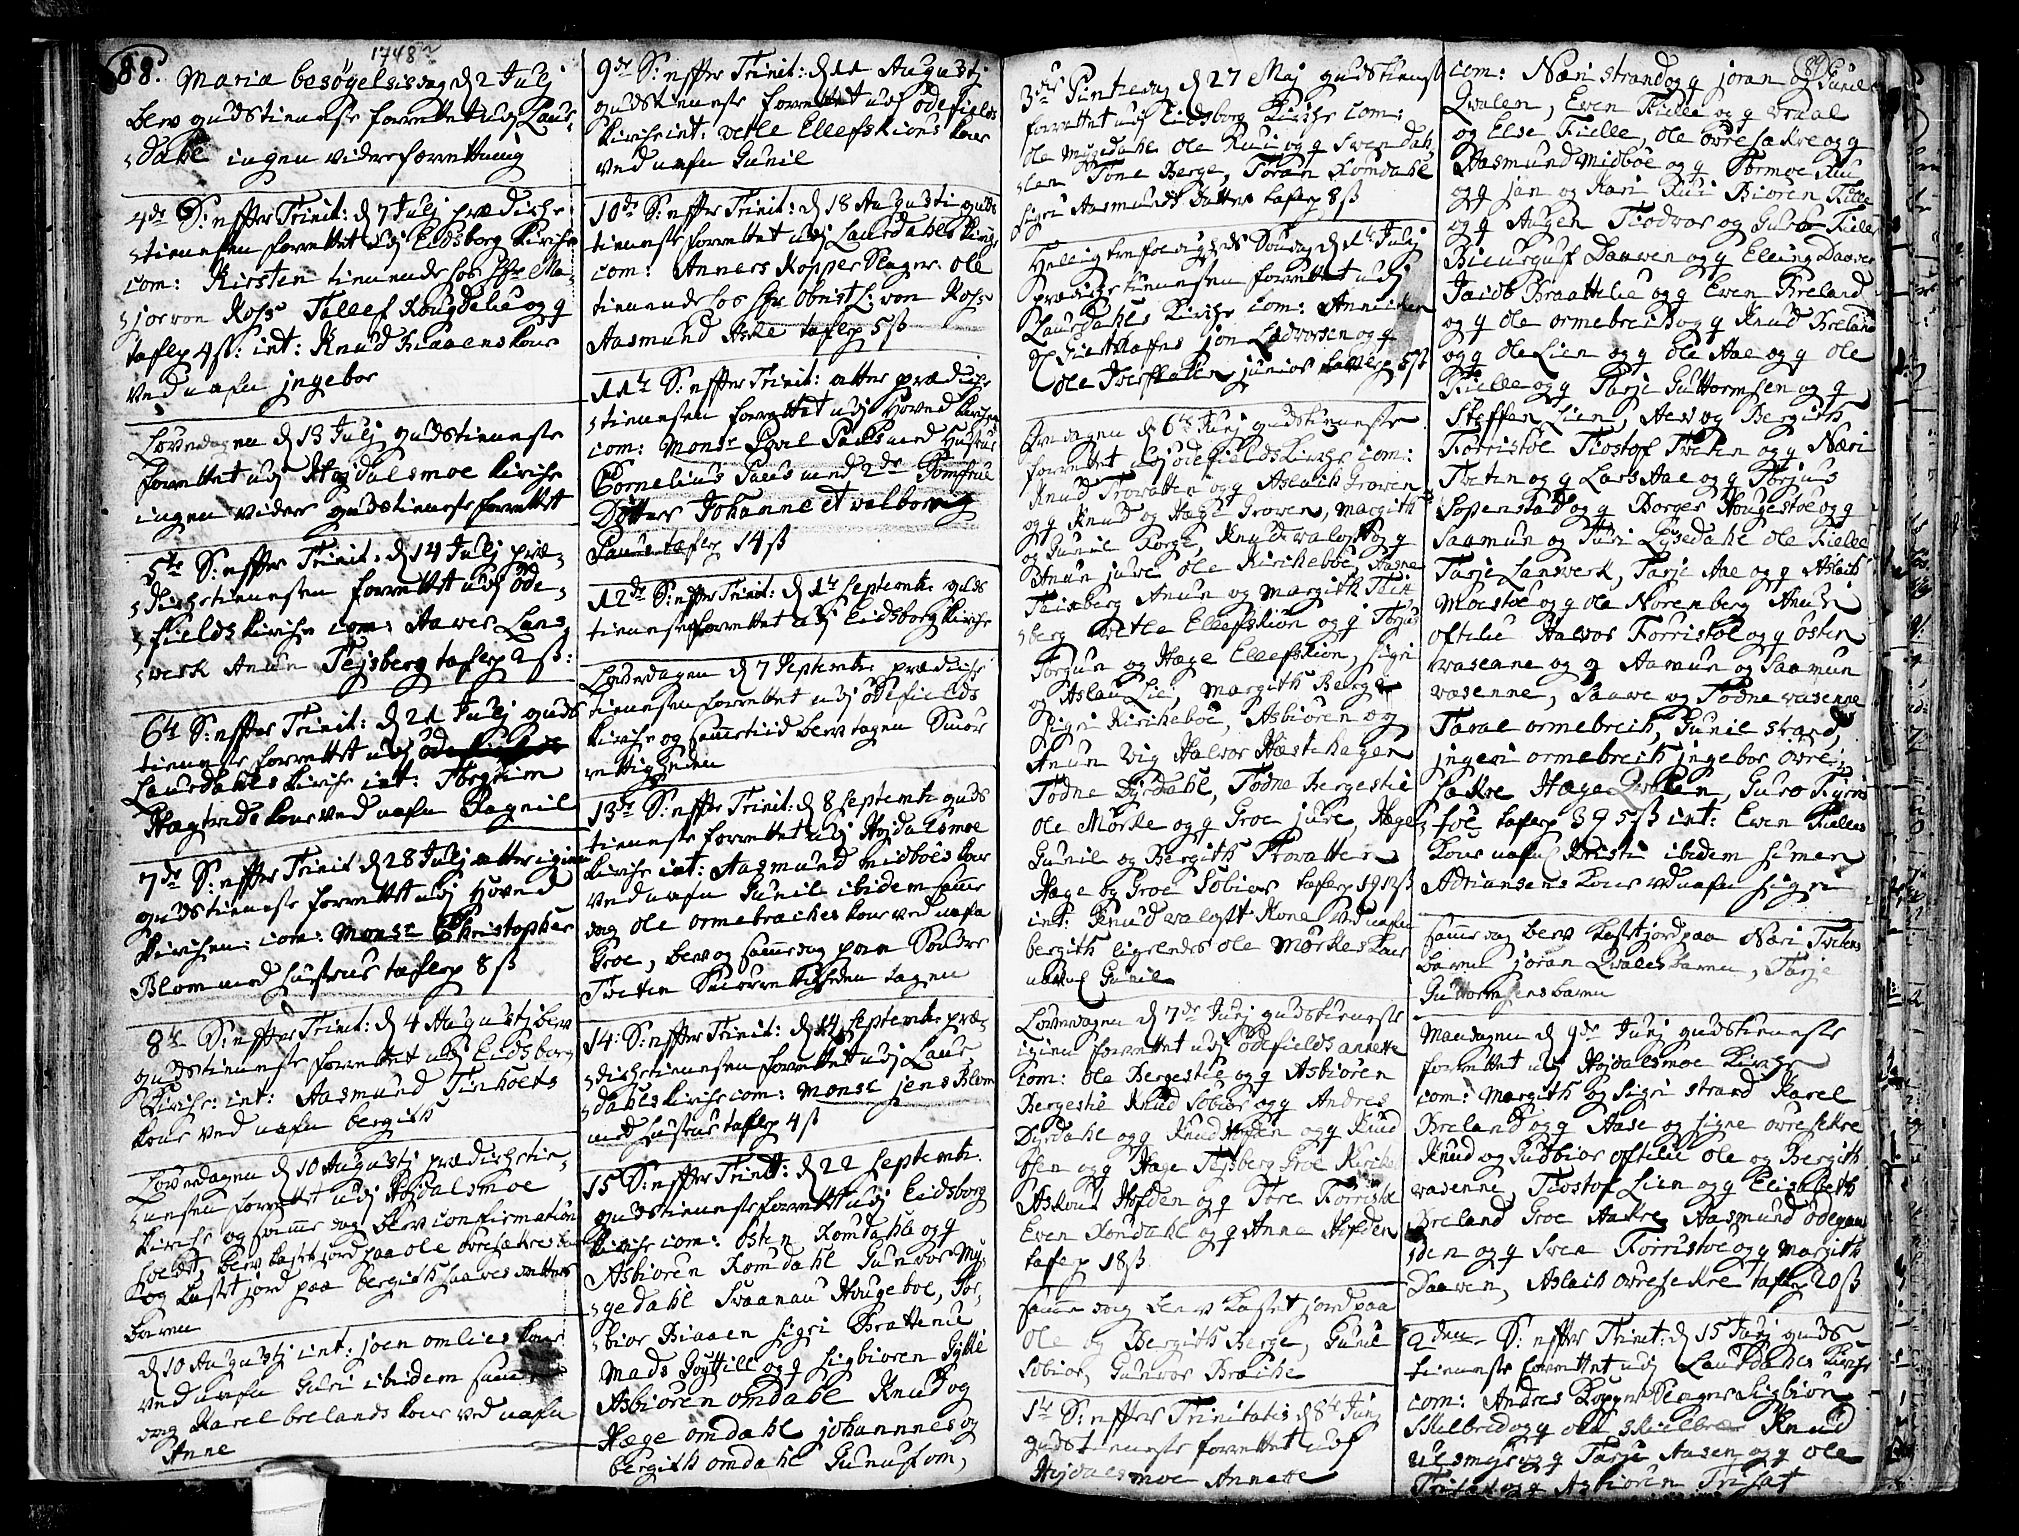 SAKO, Lårdal kirkebøker, F/Fa/L0002: Ministerialbok nr. I 2, 1734-1754, s. 88-89